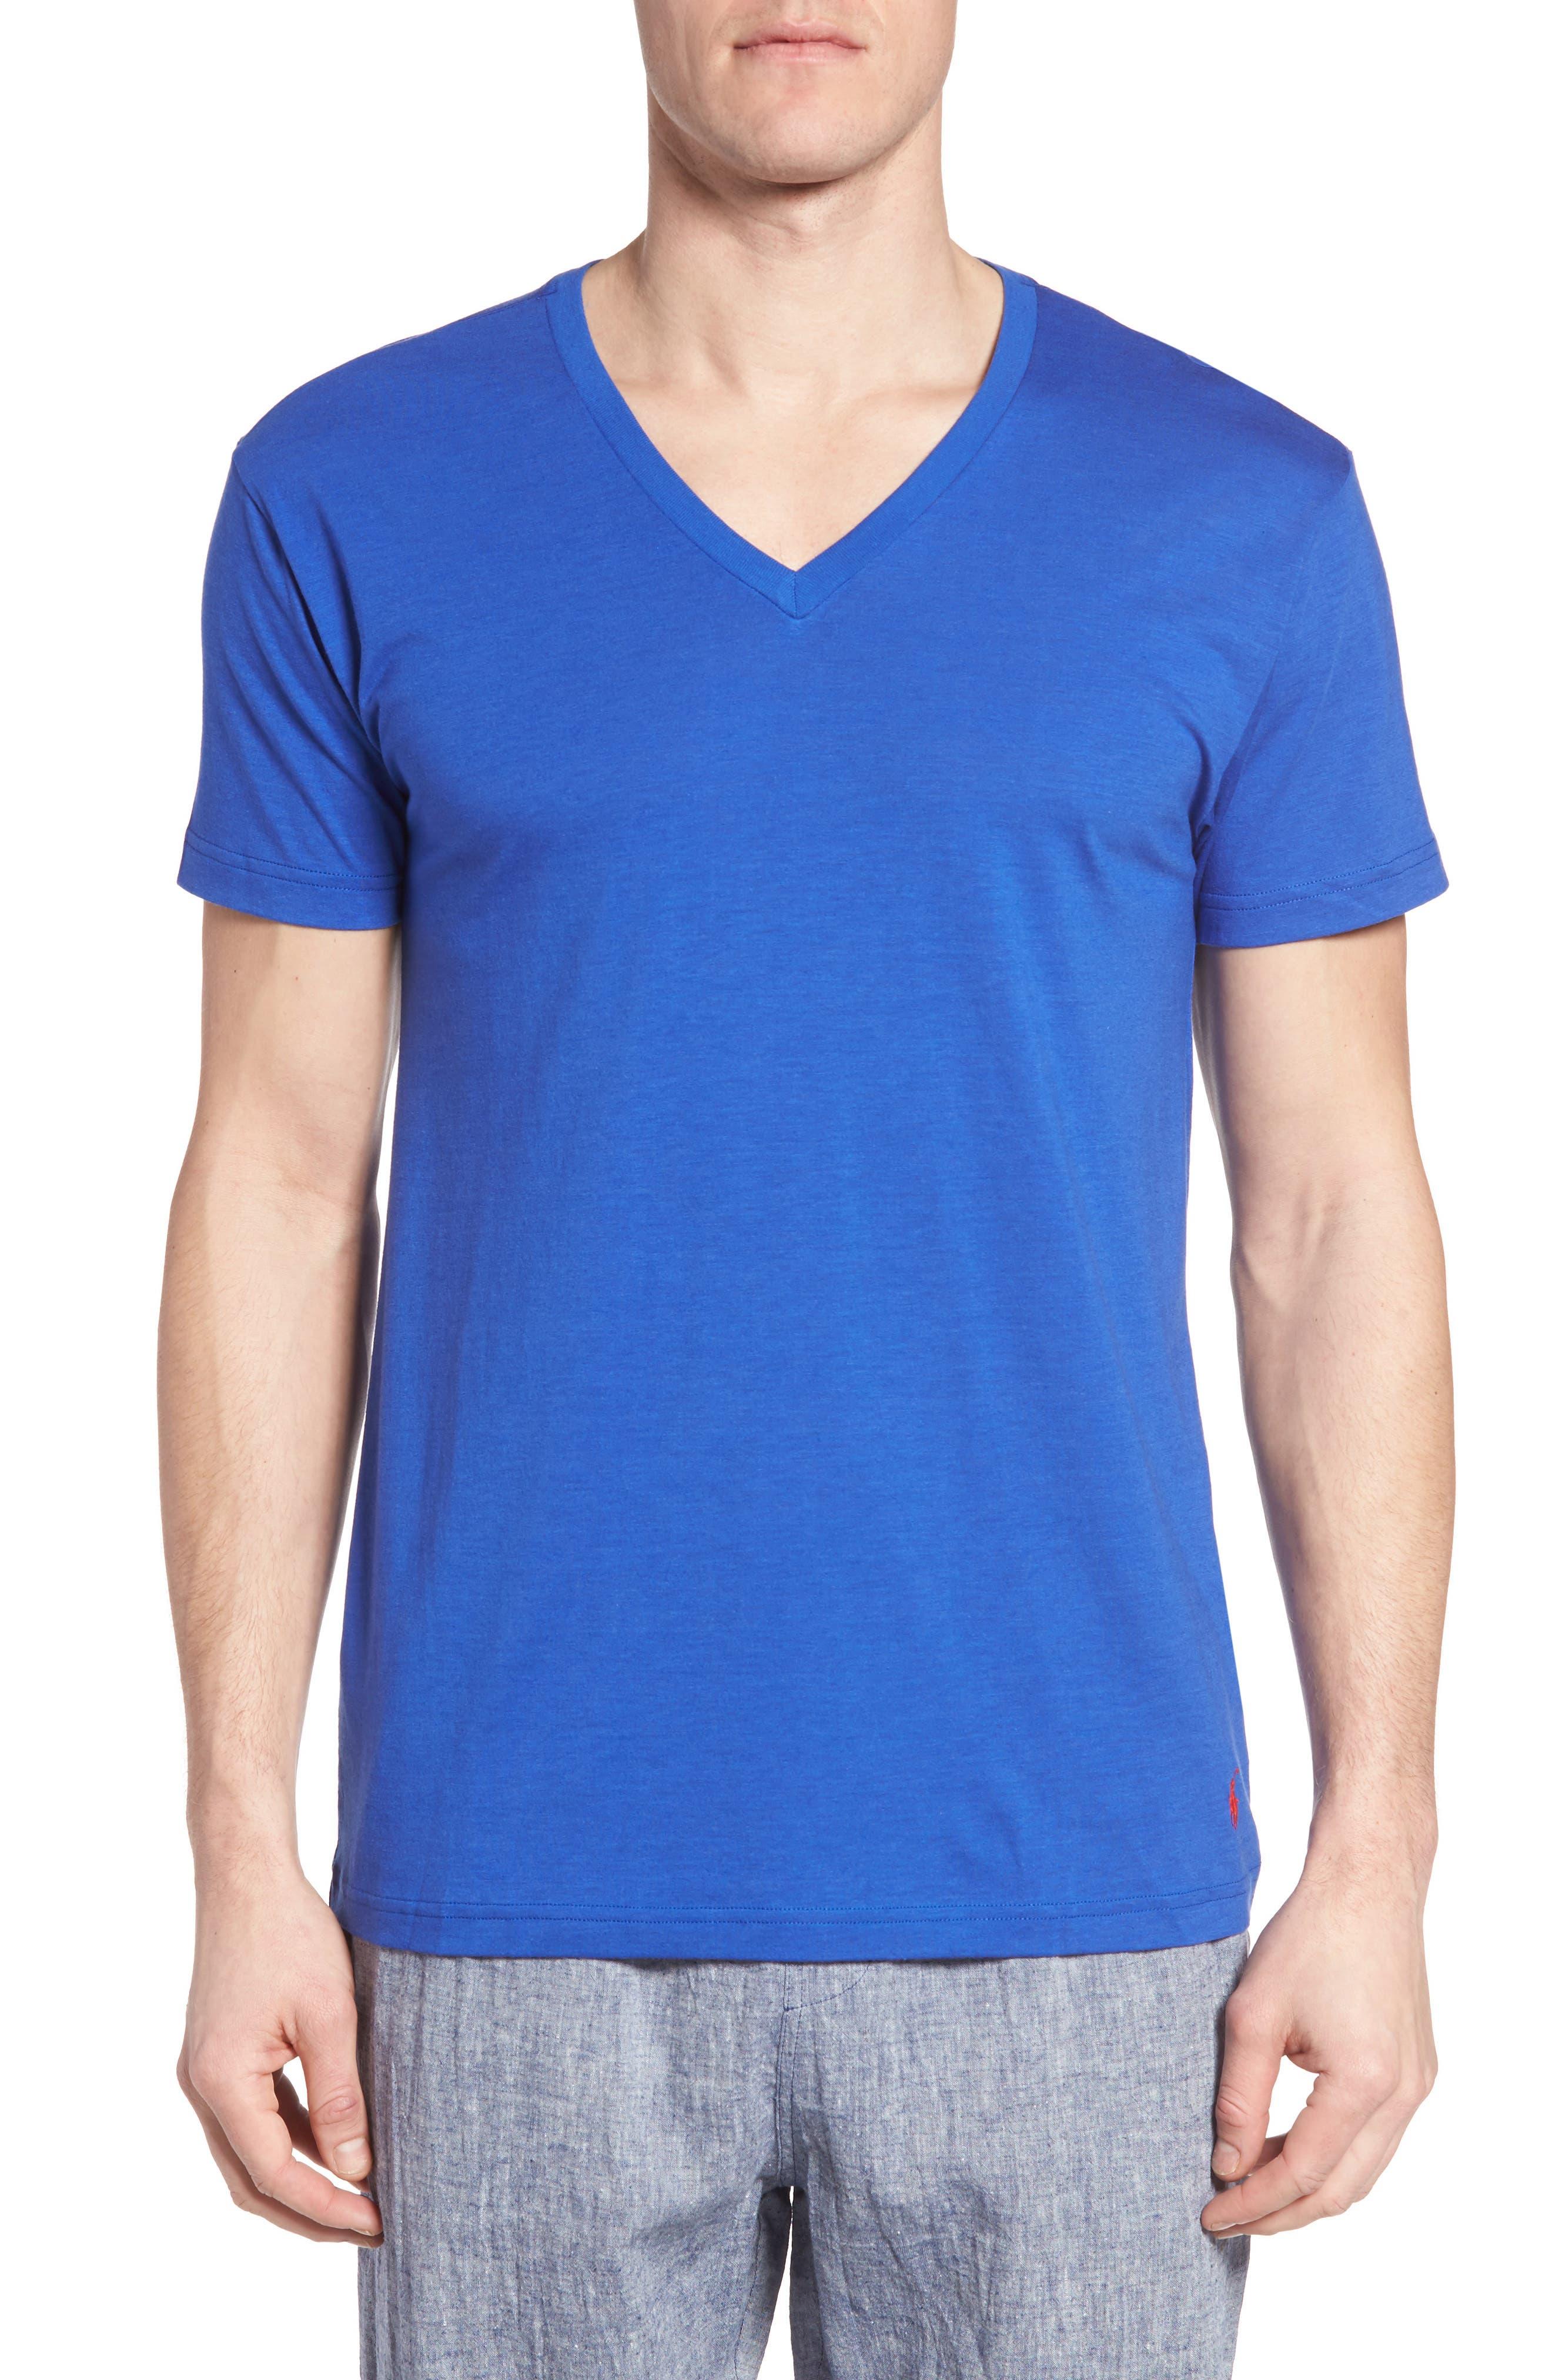 Alternate Image 1 Selected - Polo Ralph Lauren Lounge V-Neck T-Shirt